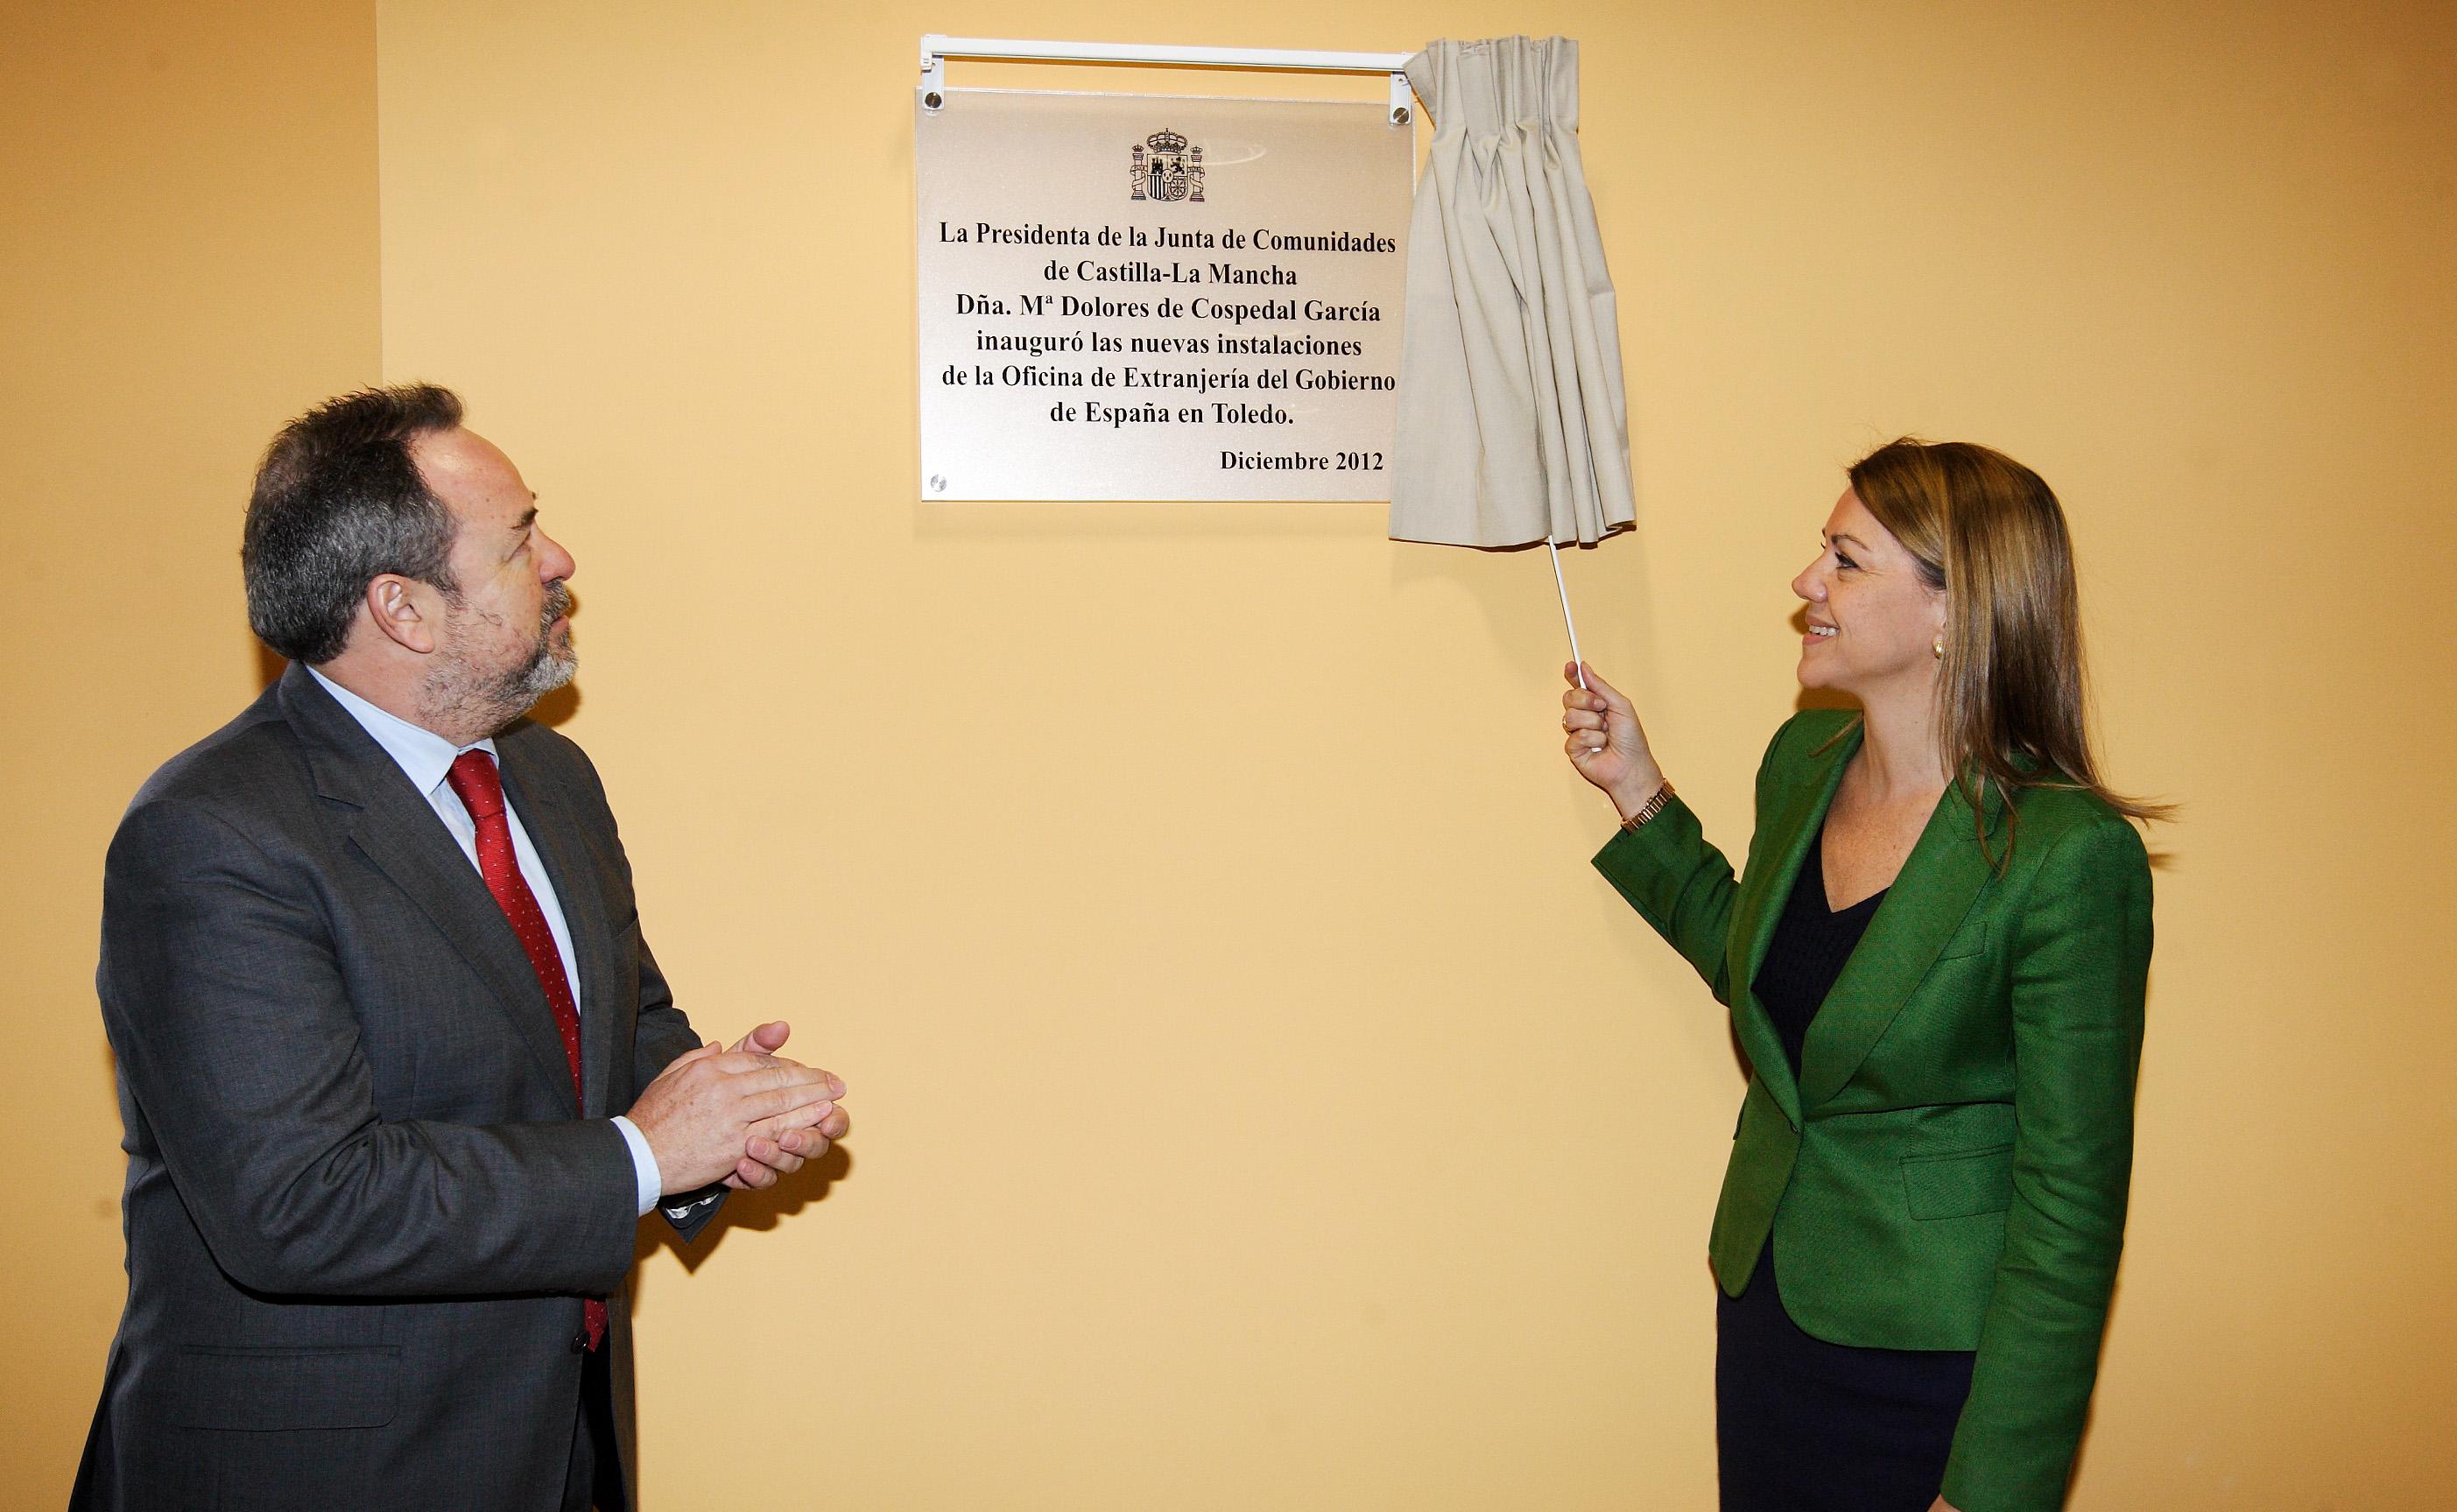 cospedal inaugura la nueva oficina de extranjer a de